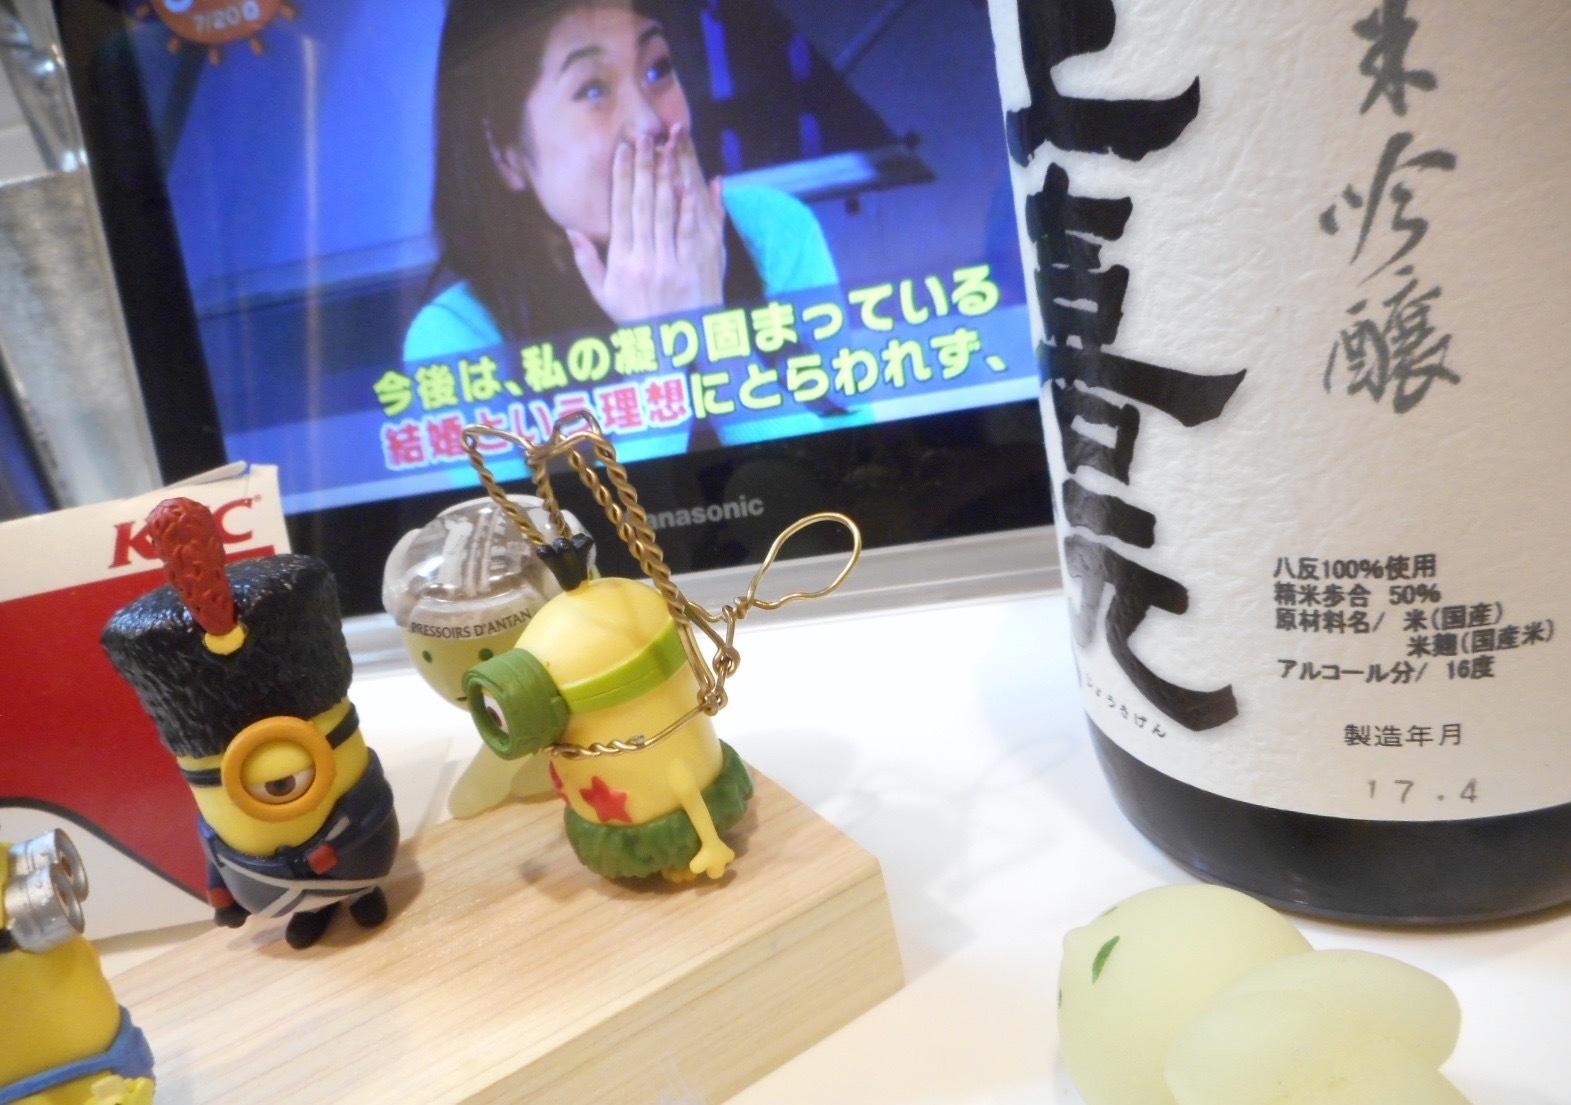 joukigen_kimoto_hattan28by2.jpg